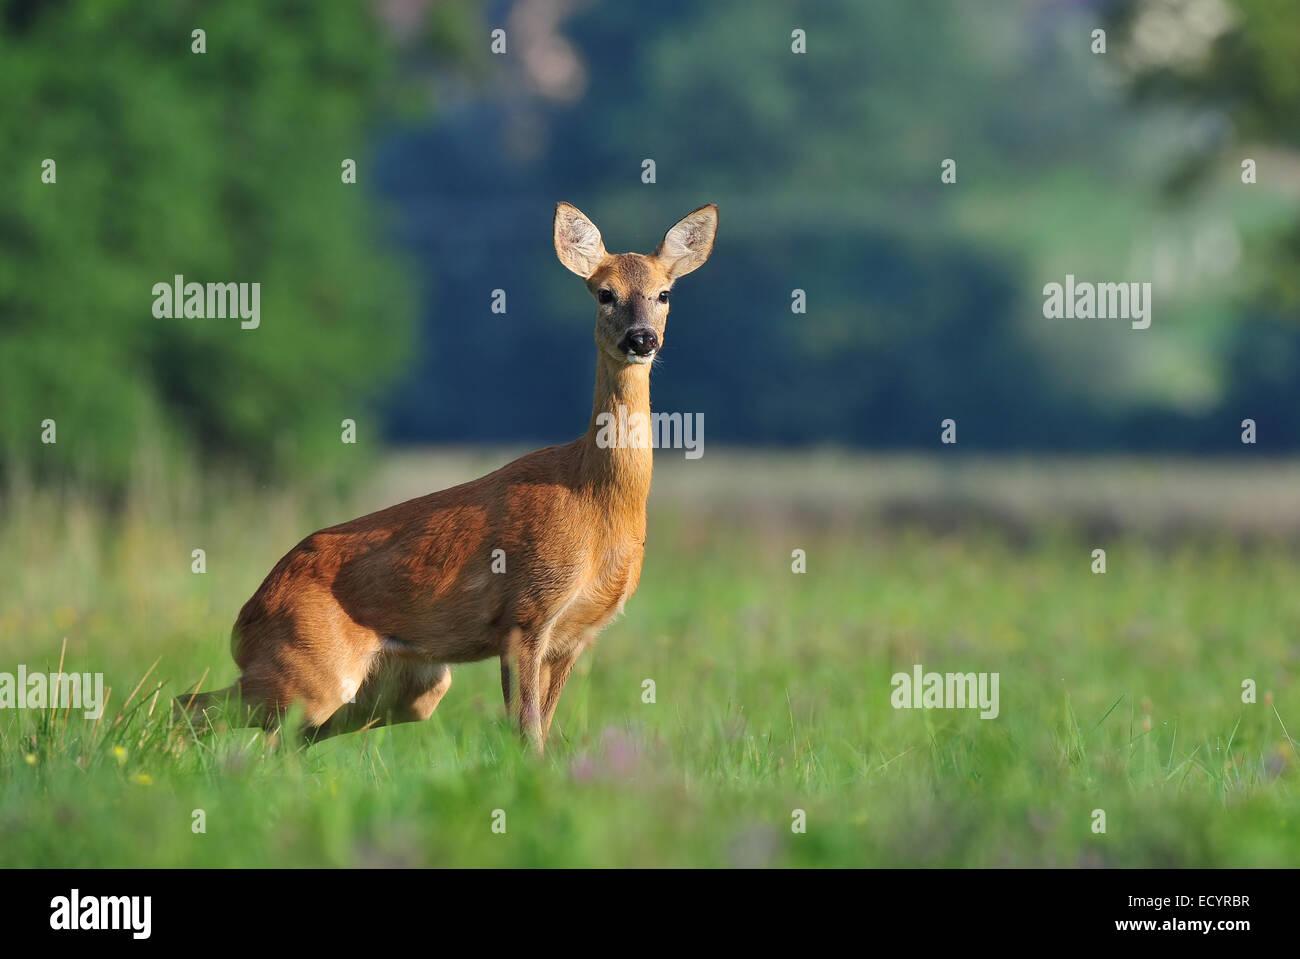 Roe deer - Stock Image